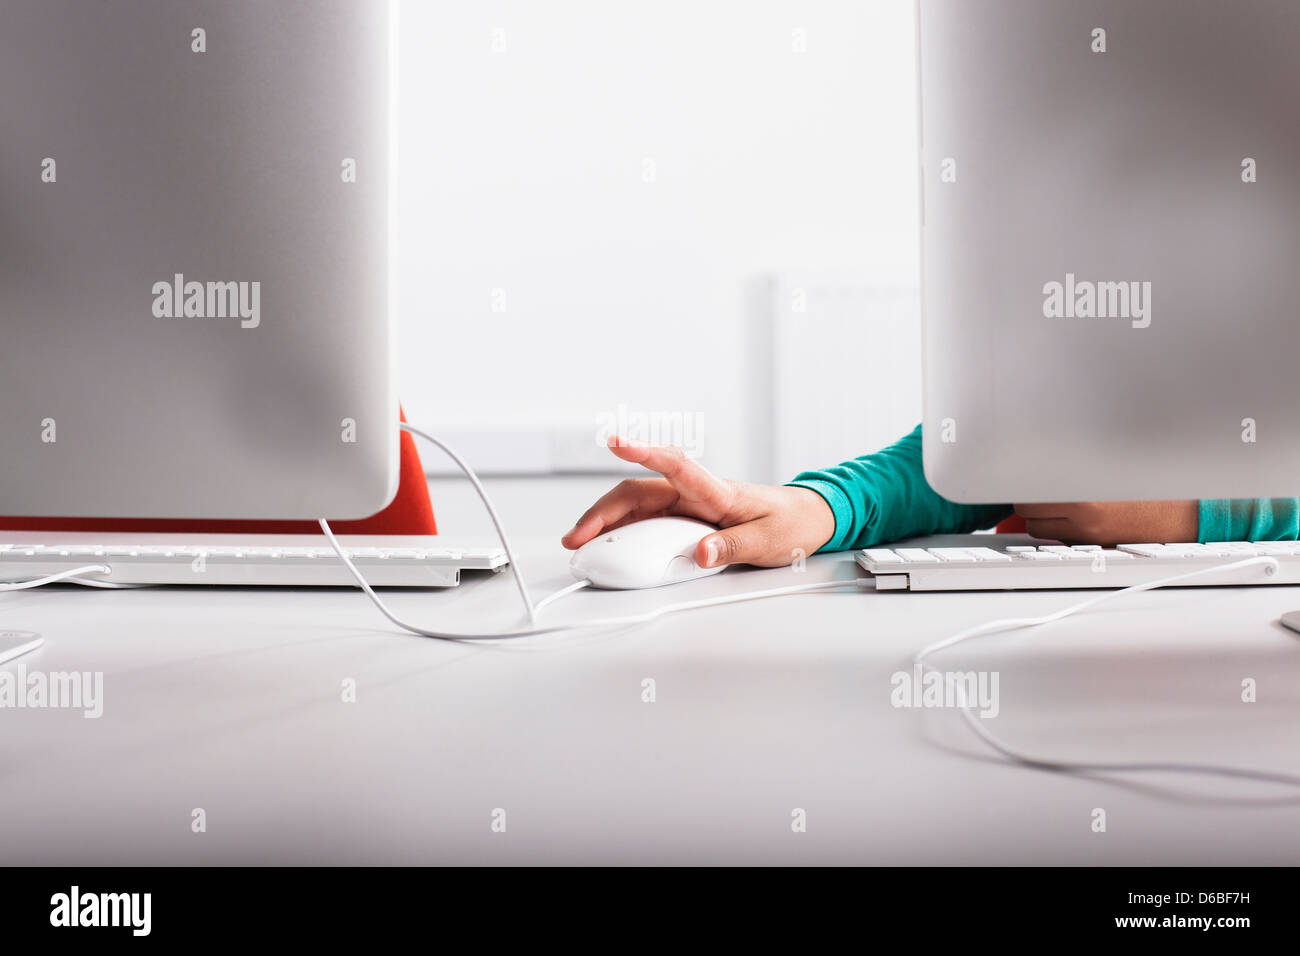 Ragazza utilizzando il computer al banco Immagini Stock